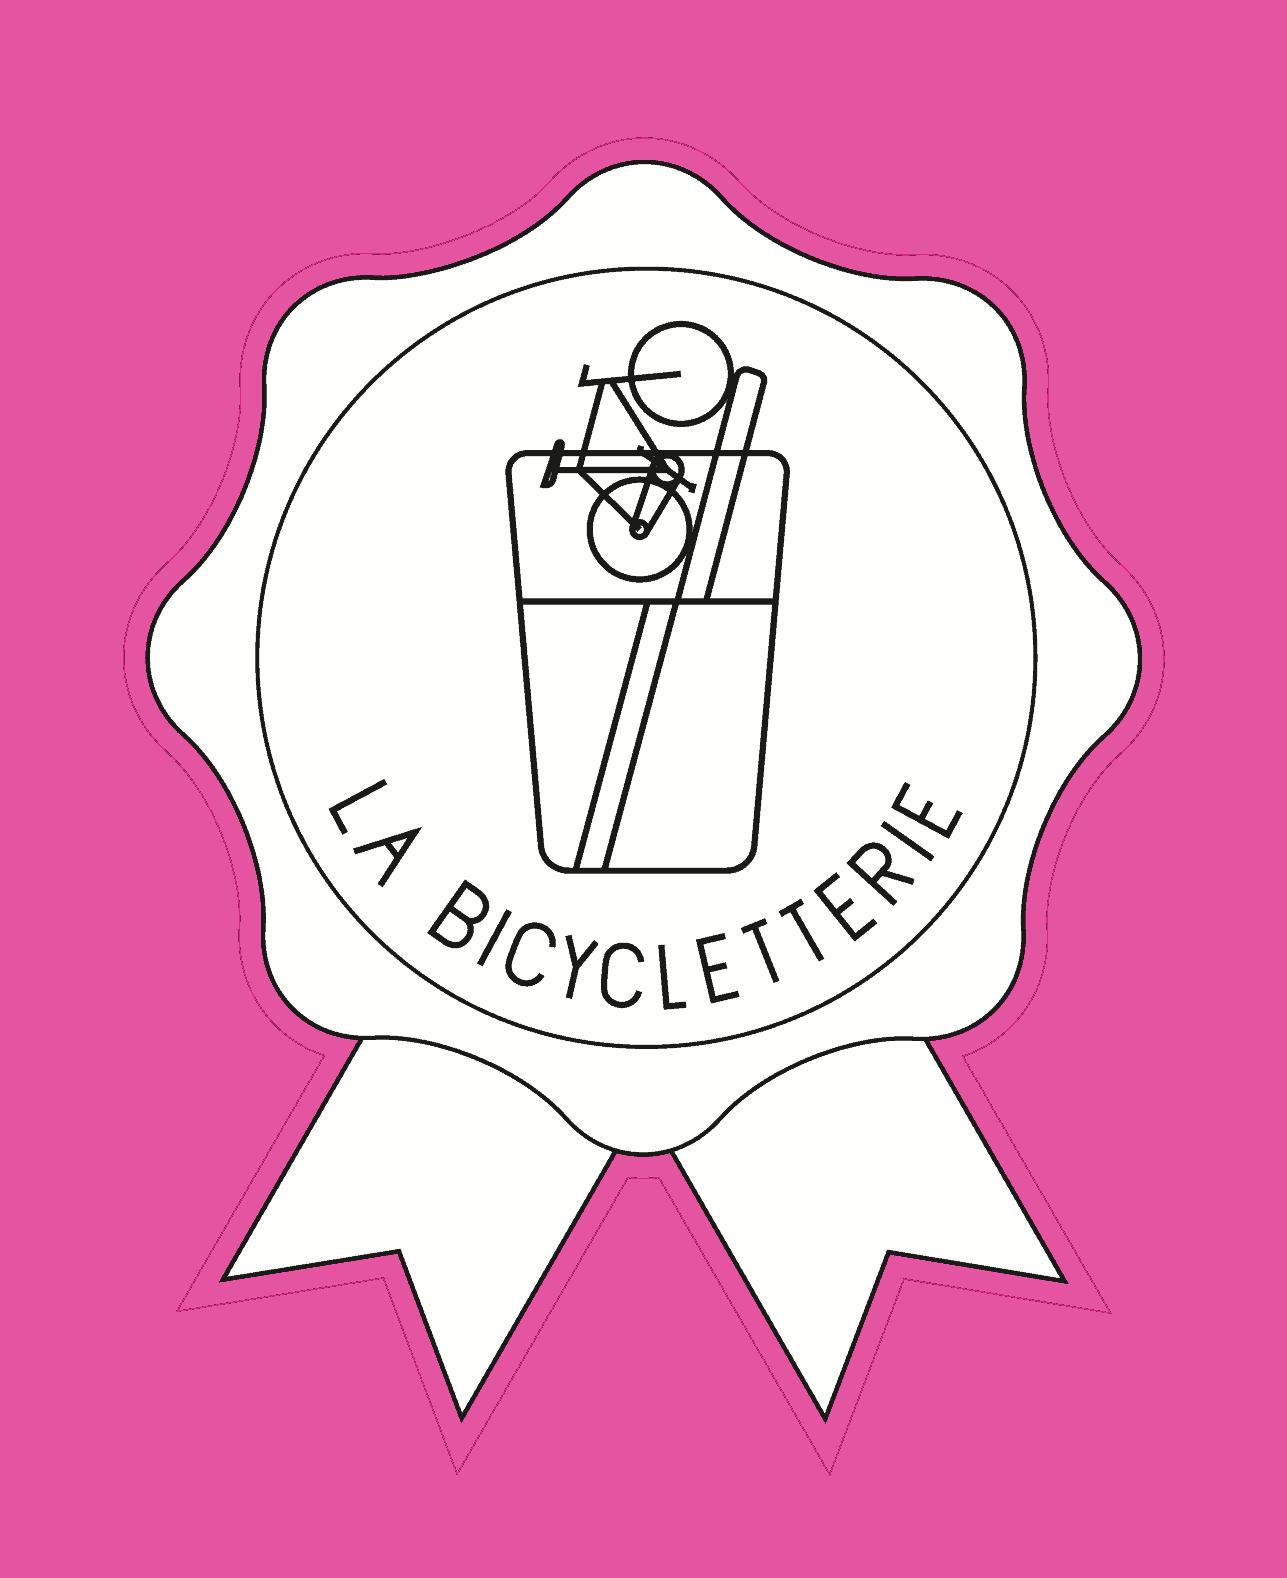 La Bicycletterie